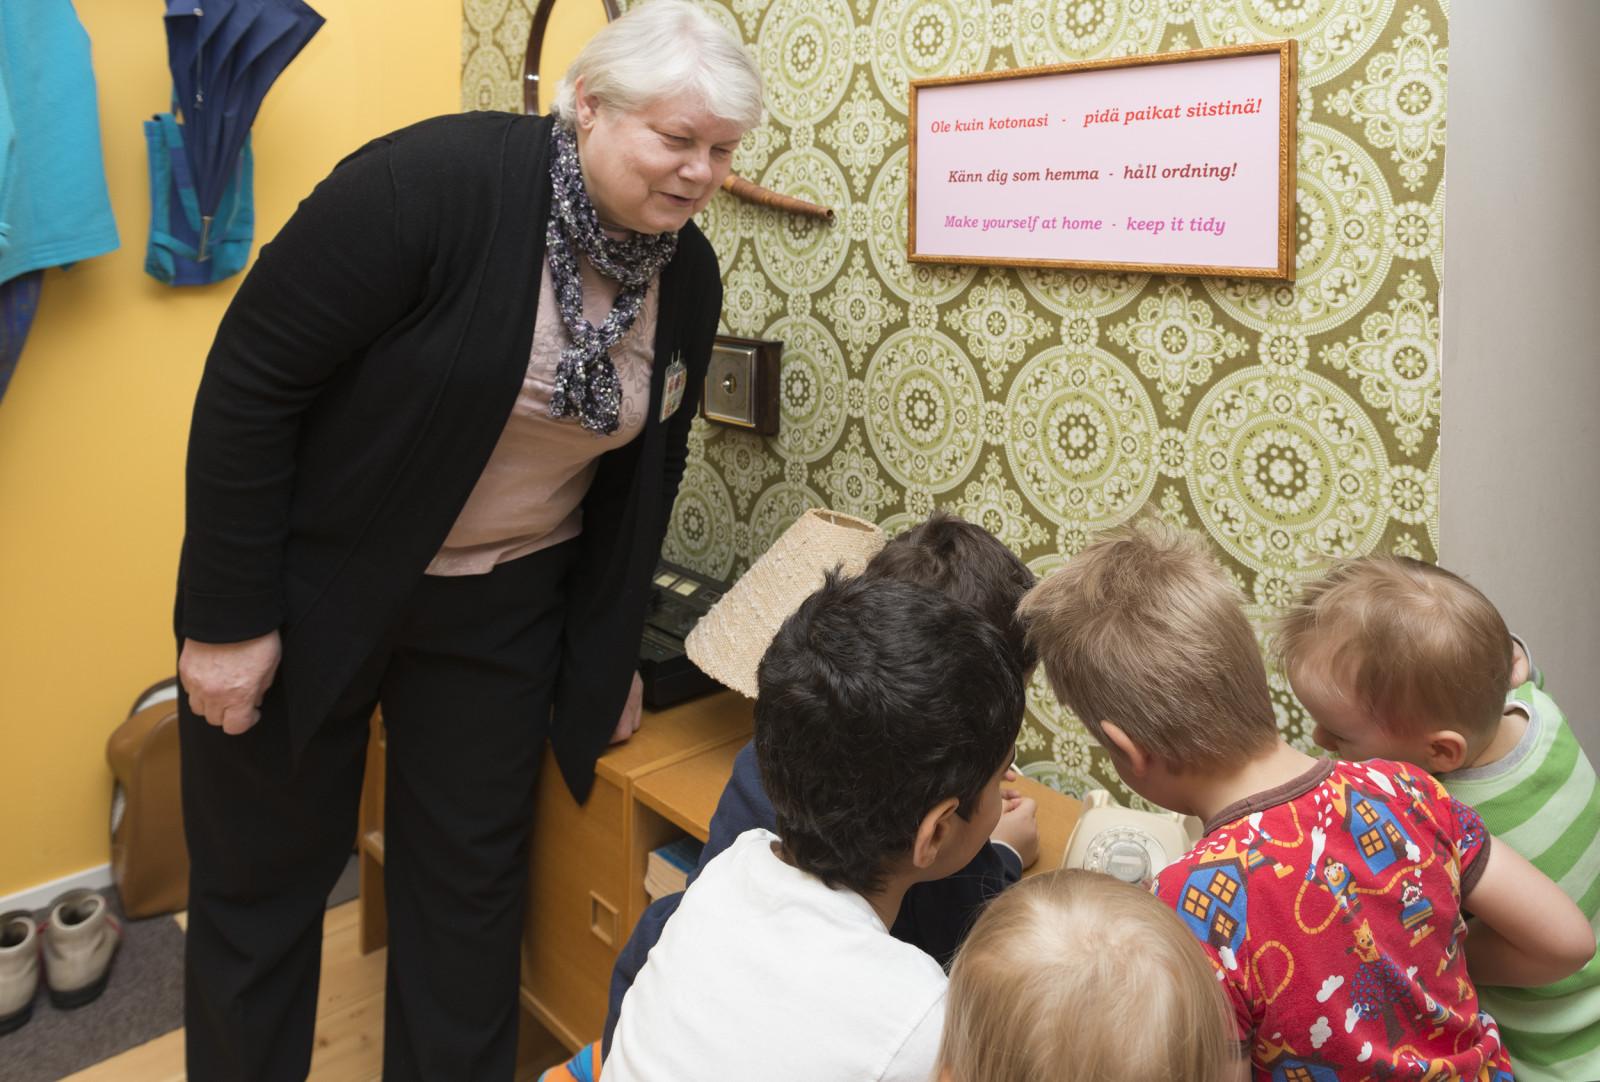 Mummolan lankapuhelin kiinnostaa lapsia kovasti, kertoo museomummo Pirjo Järvimäki. Kuva: Helsingin kaupunginmuseo/Juho Nurmi.